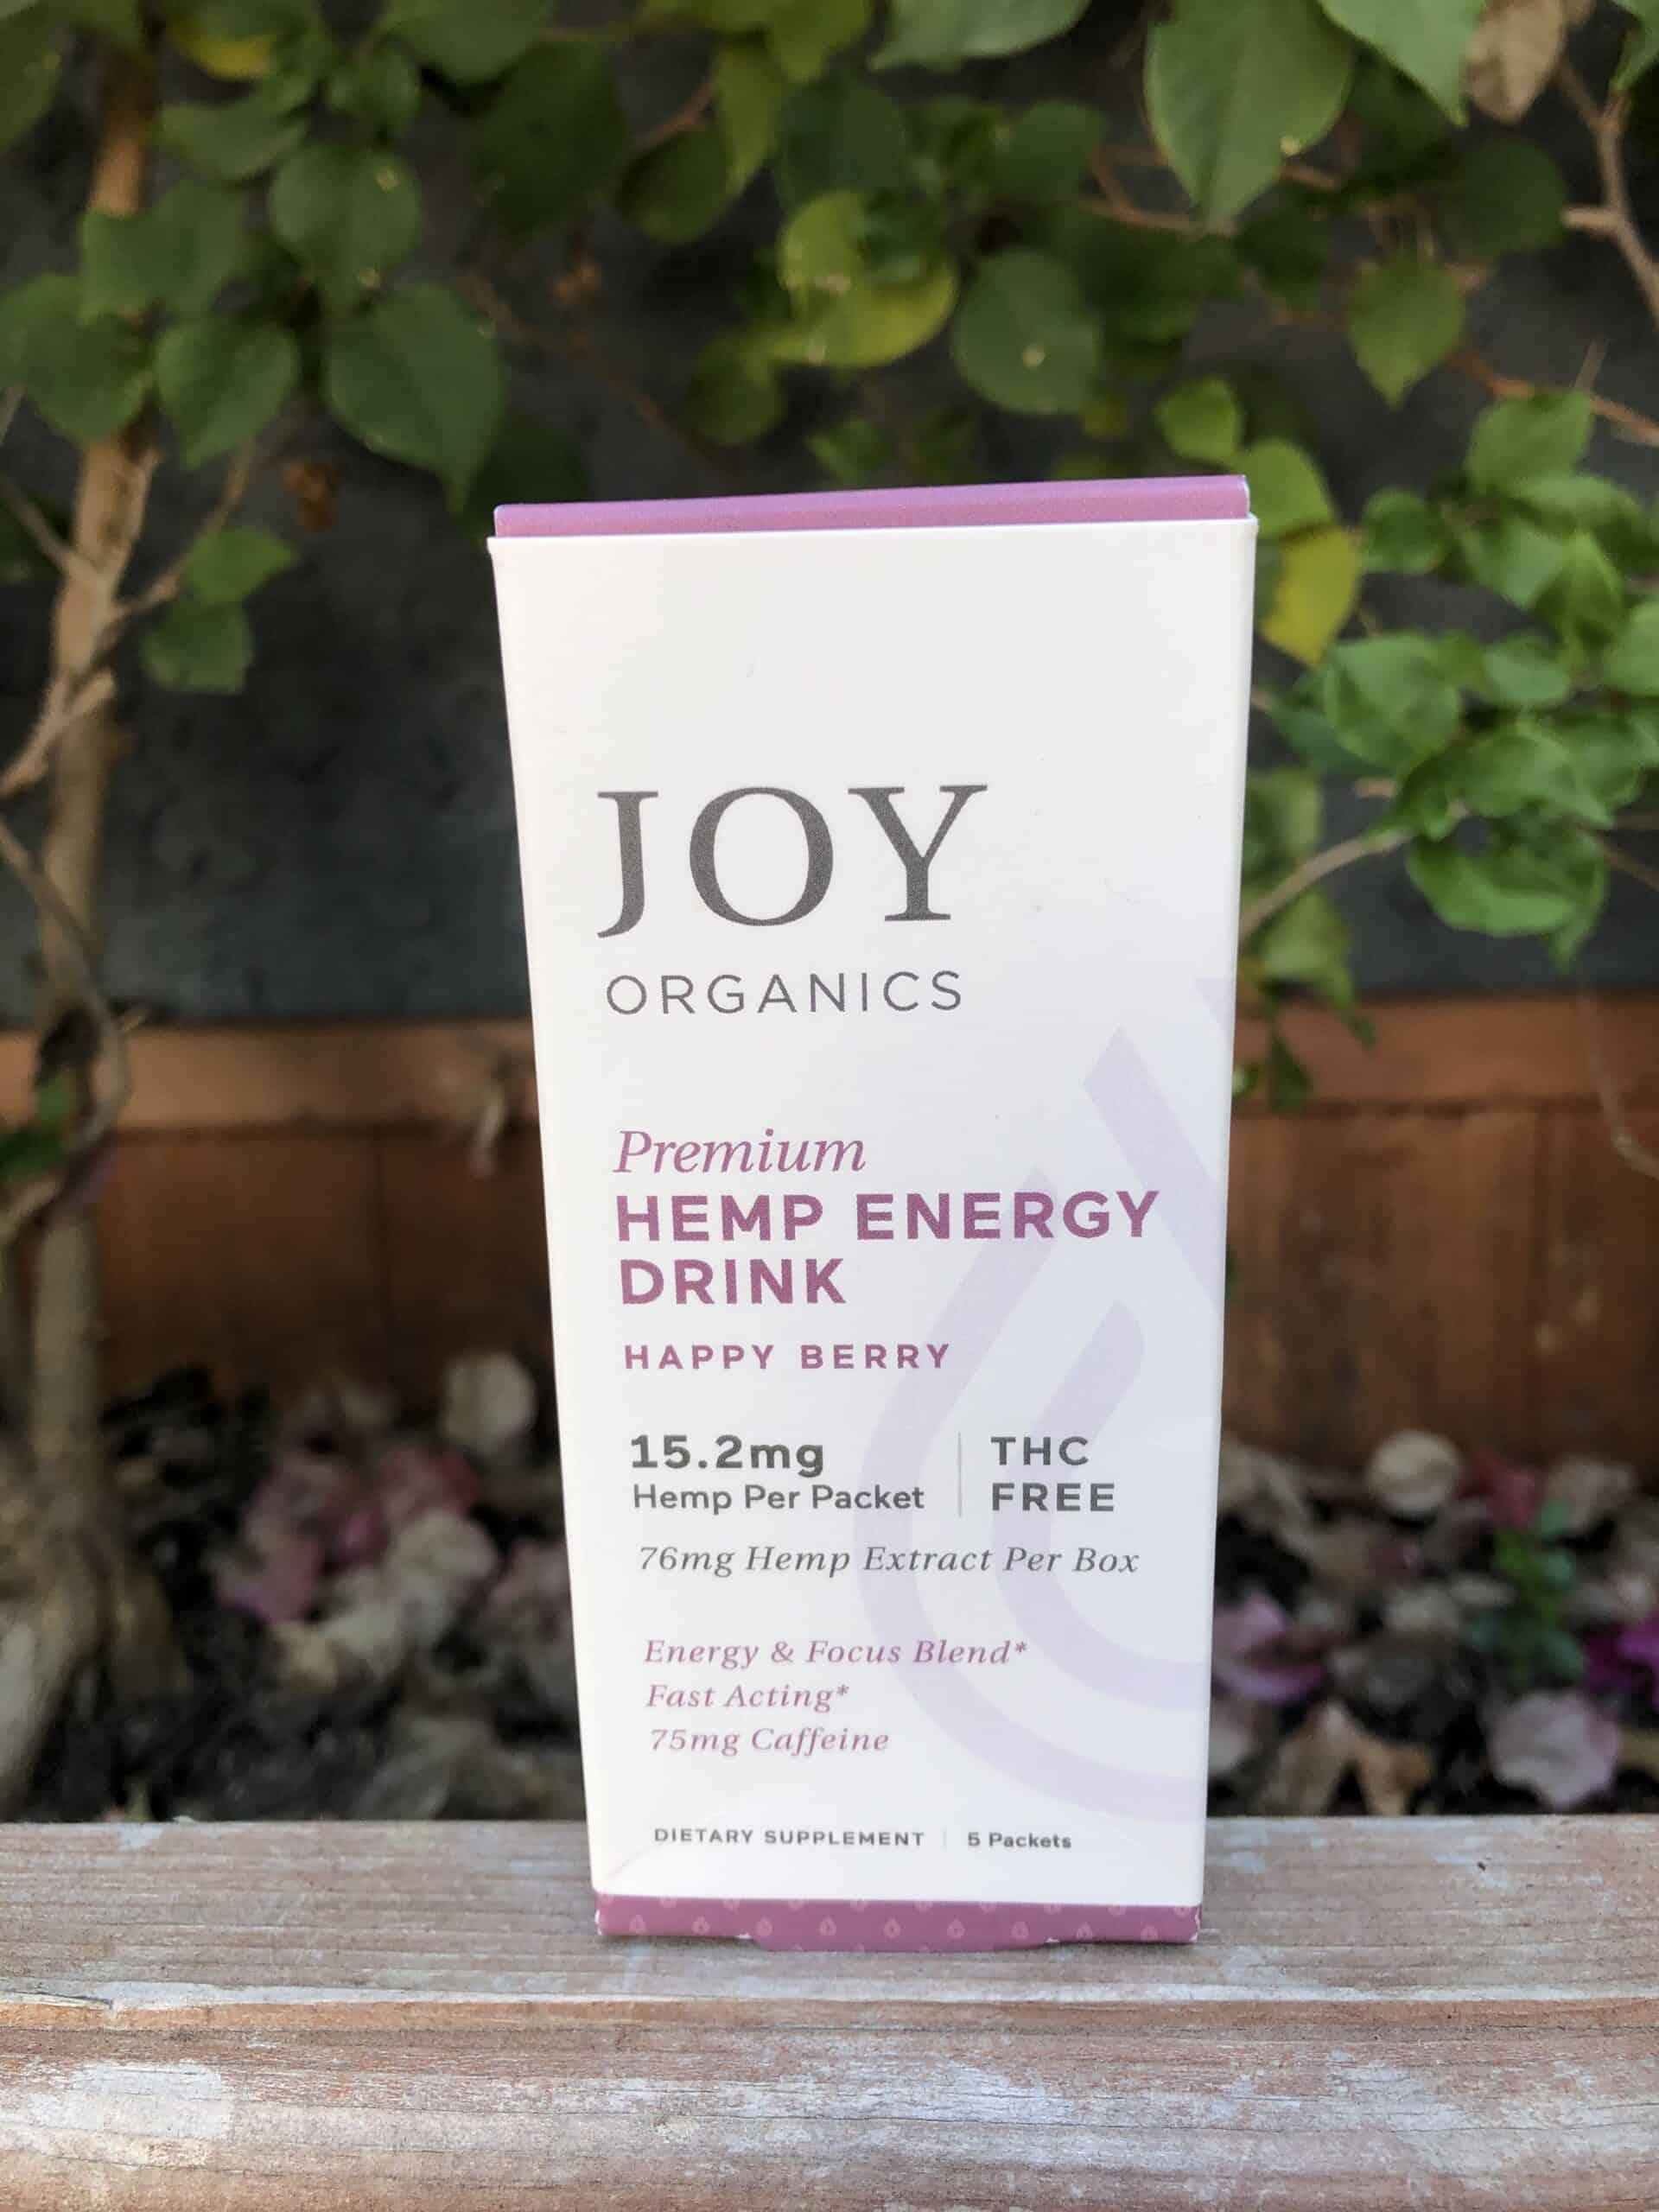 Joy Organics CBD Eenergy Drink